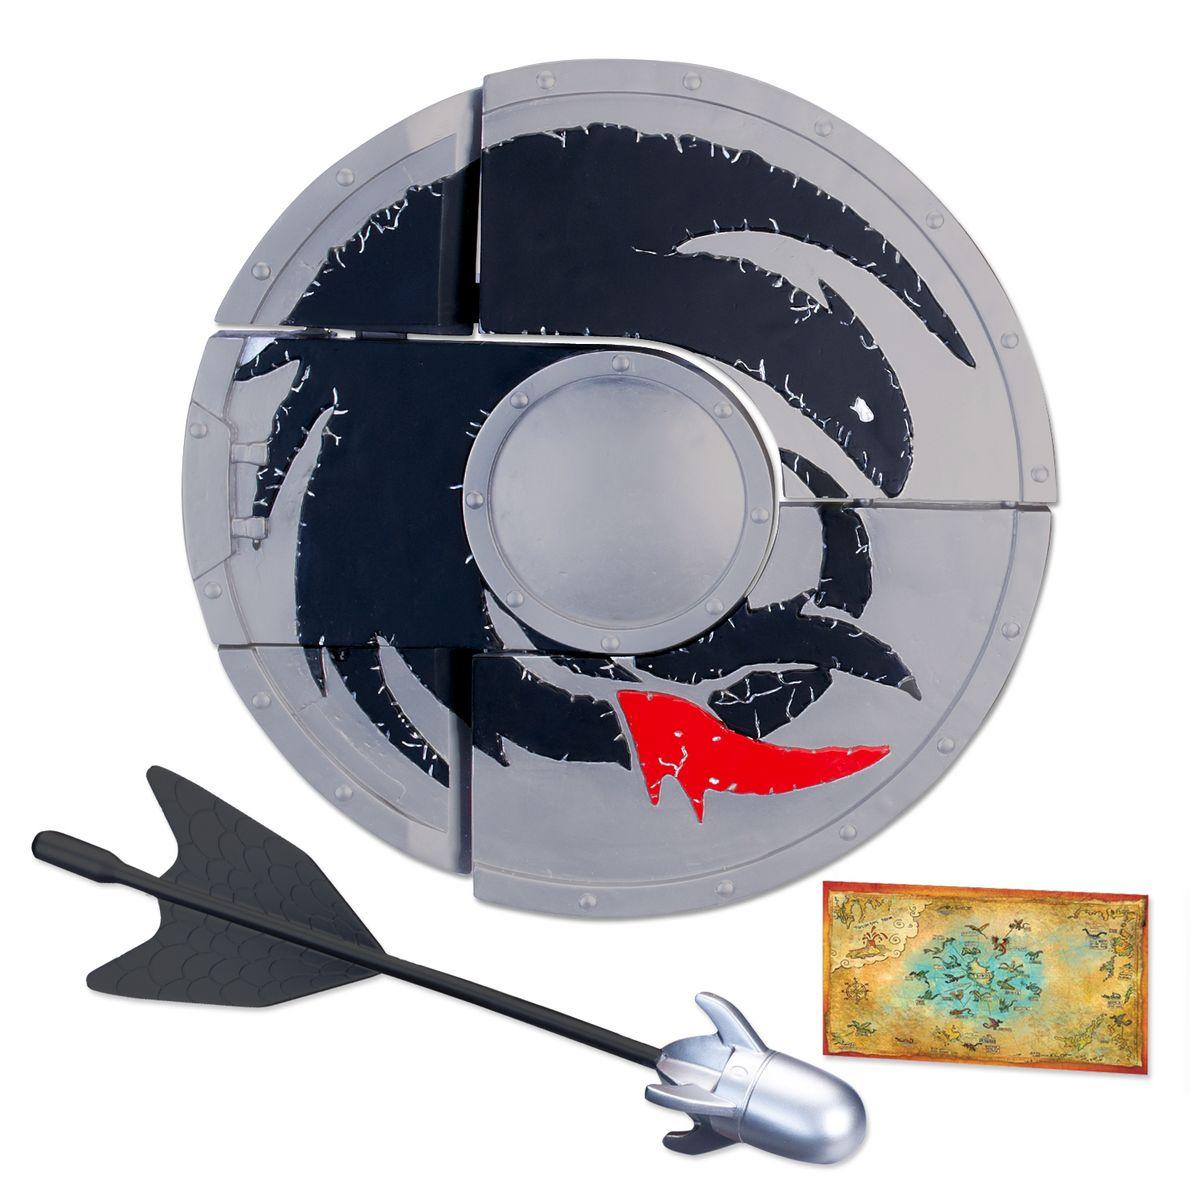 Щит-арбалет Dragons, цвет: серый, черный dragons dragons 66554 дрэгонс щит арбалет трансформер